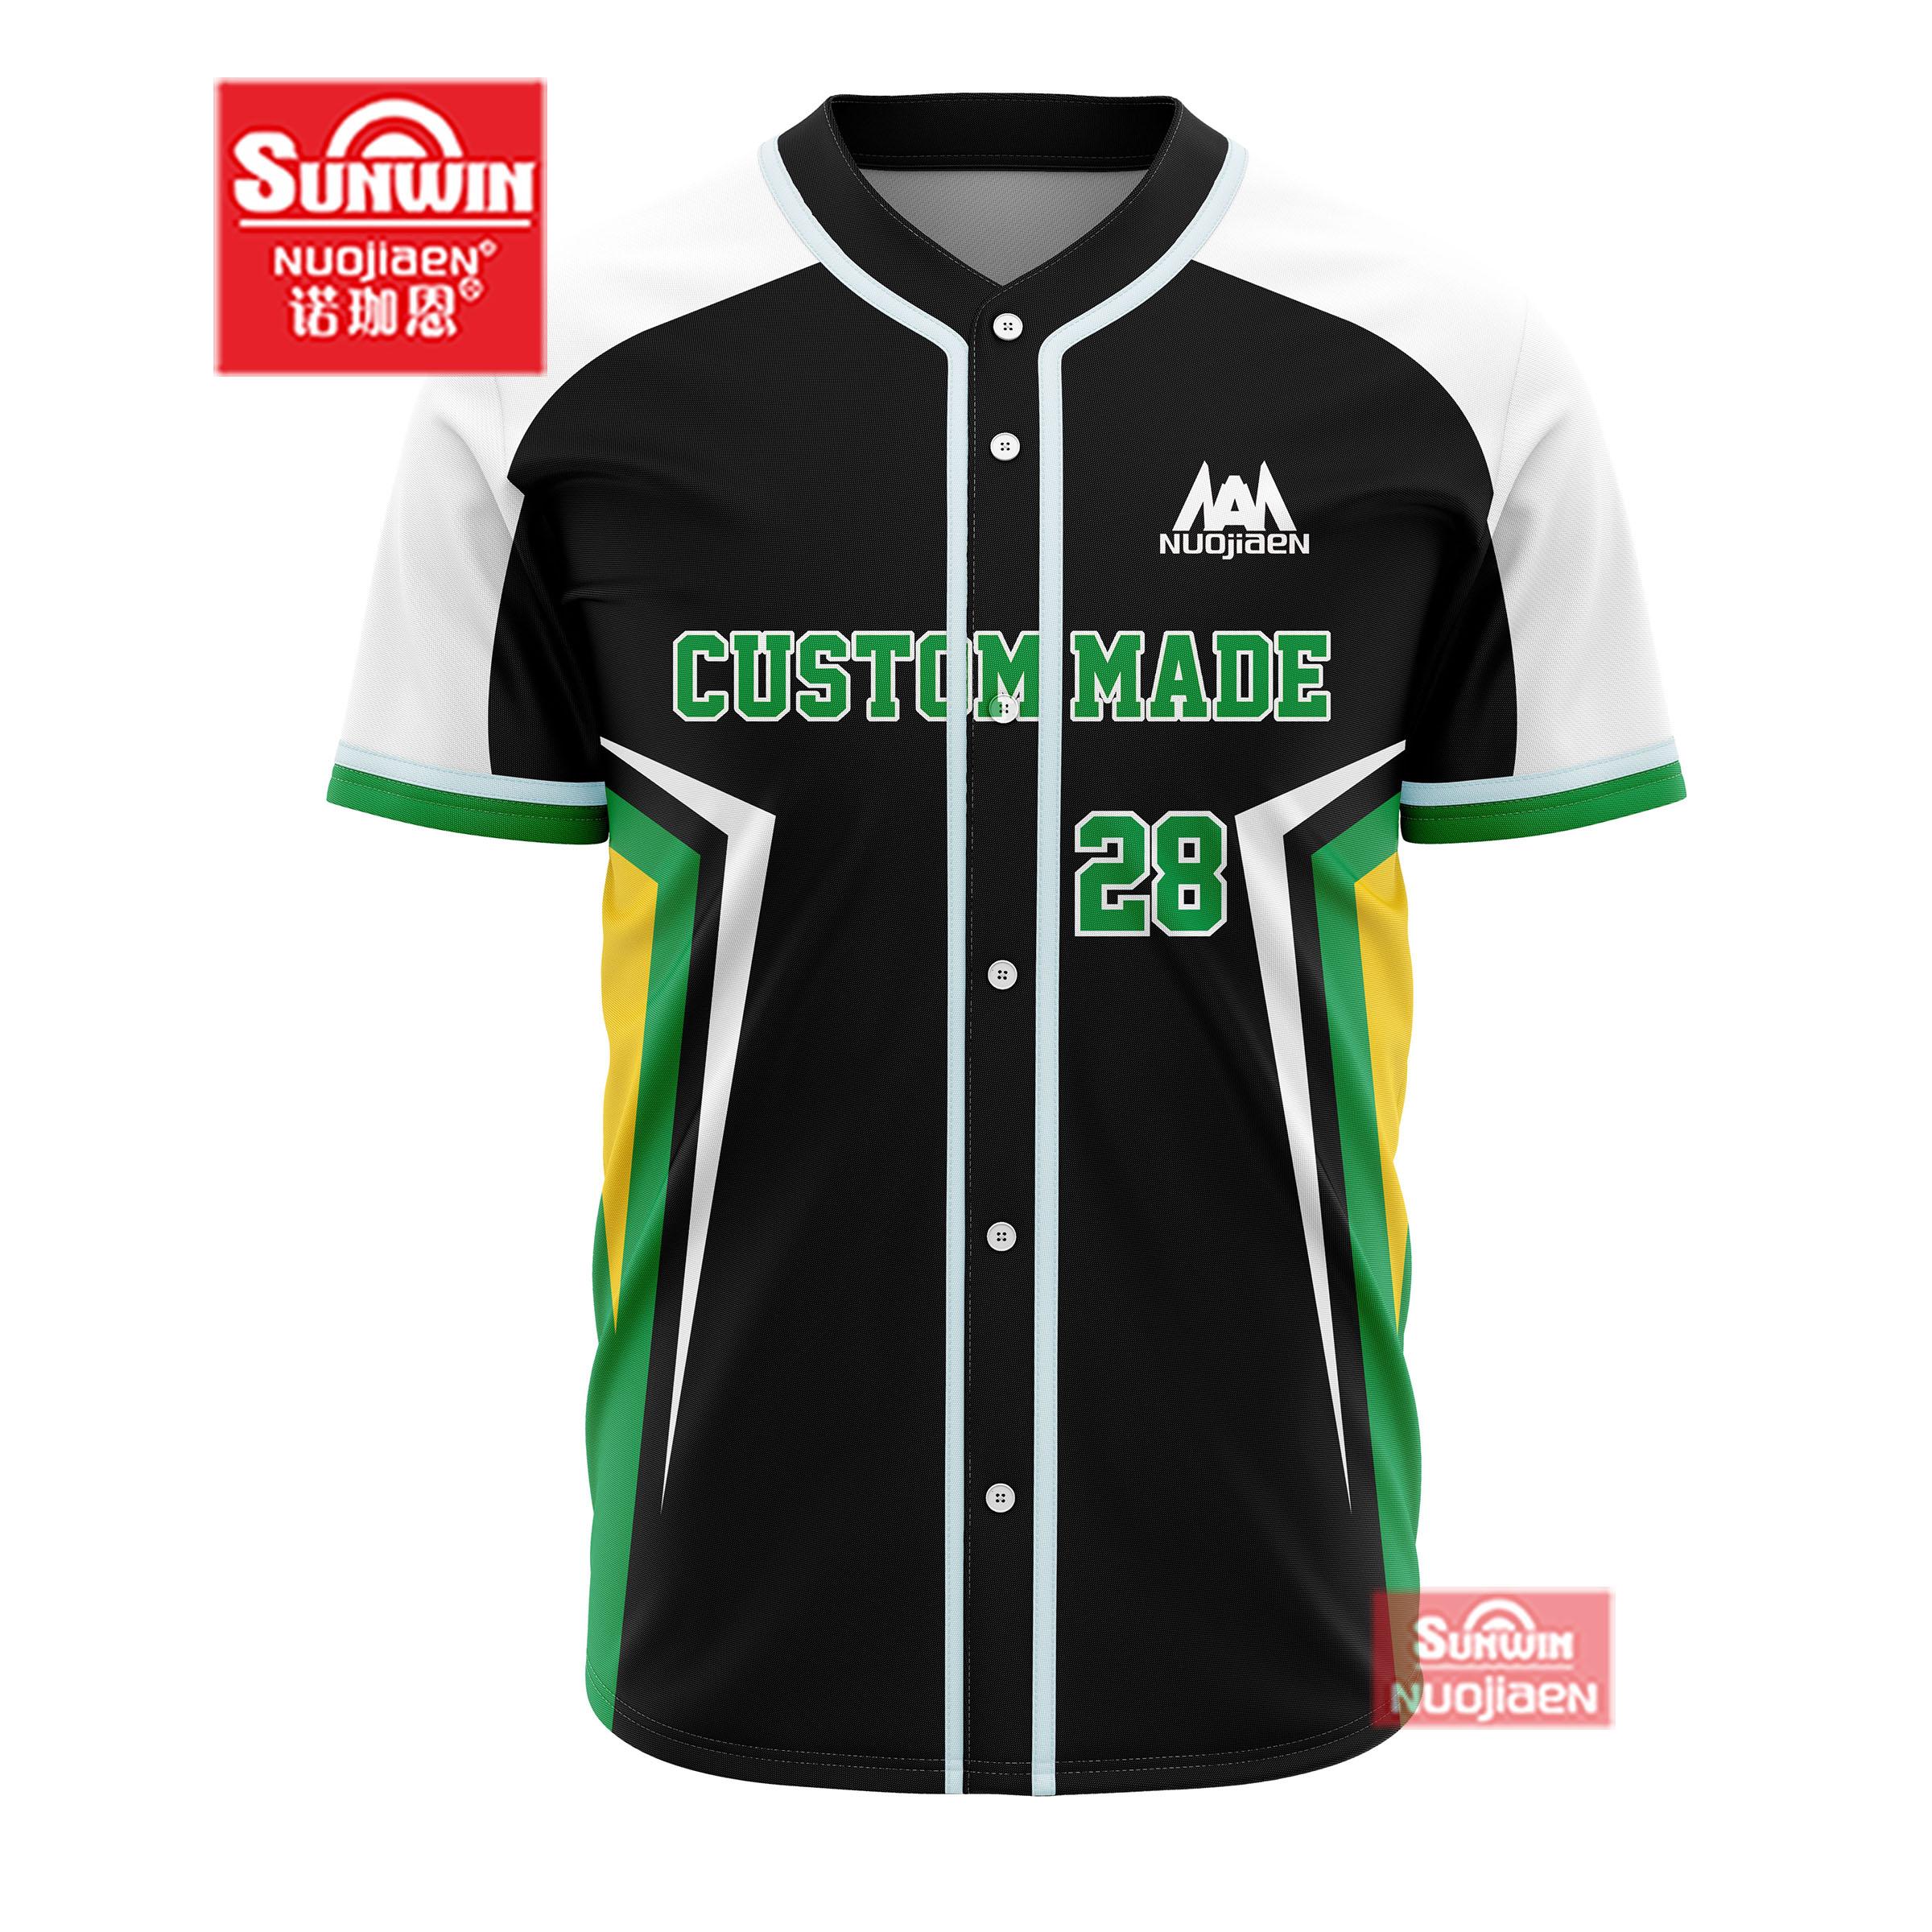 order cheap jerseys